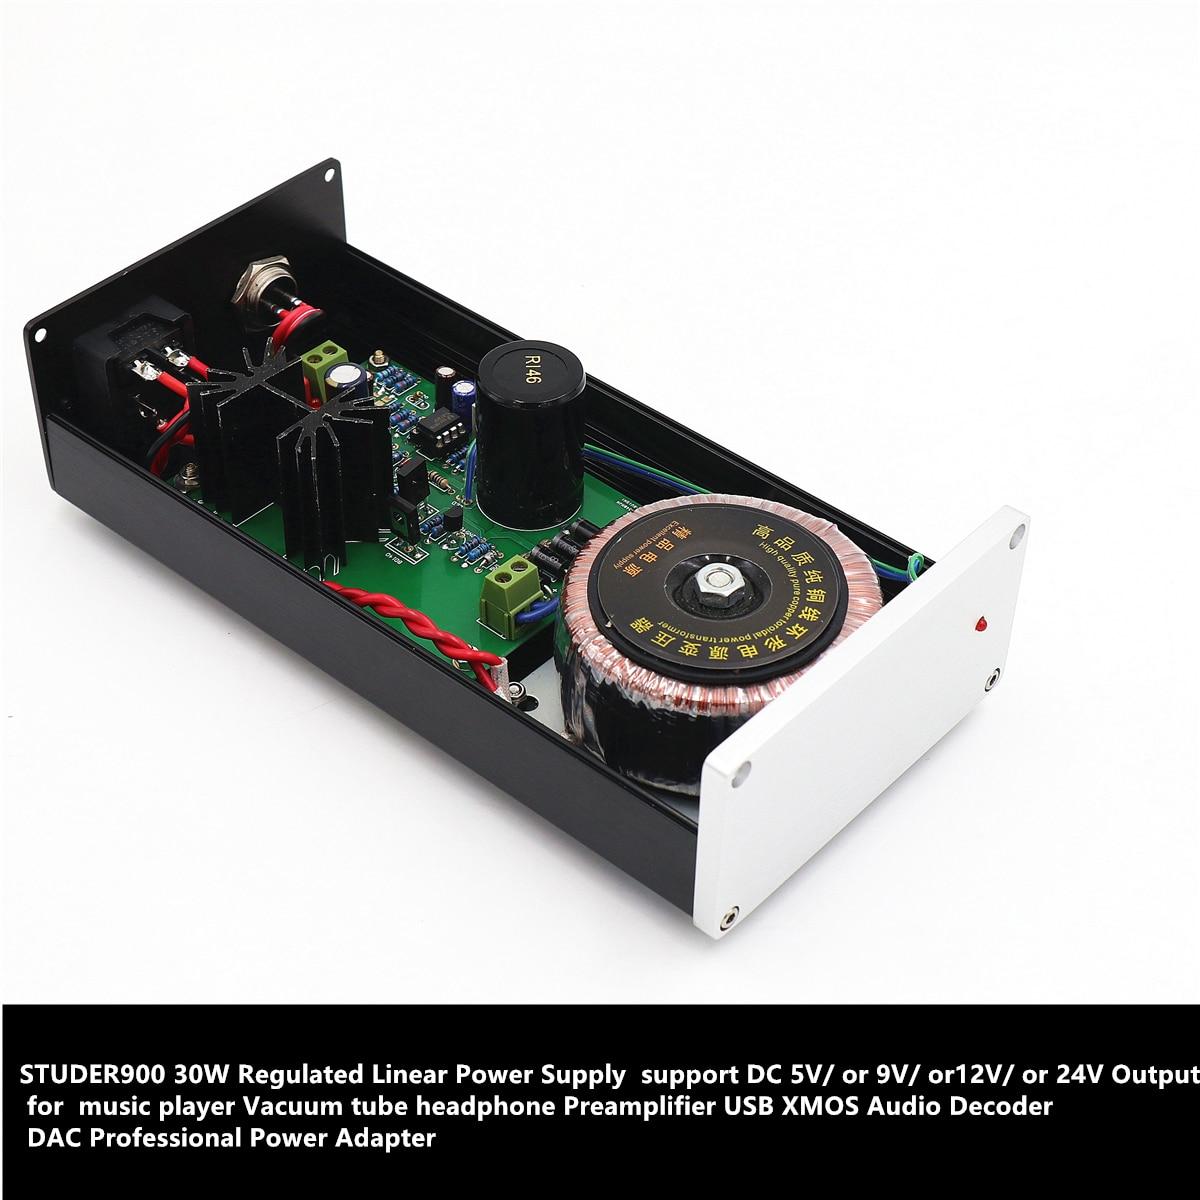 STUDER900 régulateur alimentation linéaire DC12V 2.5A 30 W DAC décodeur Audio adaptateur secteur professionnel